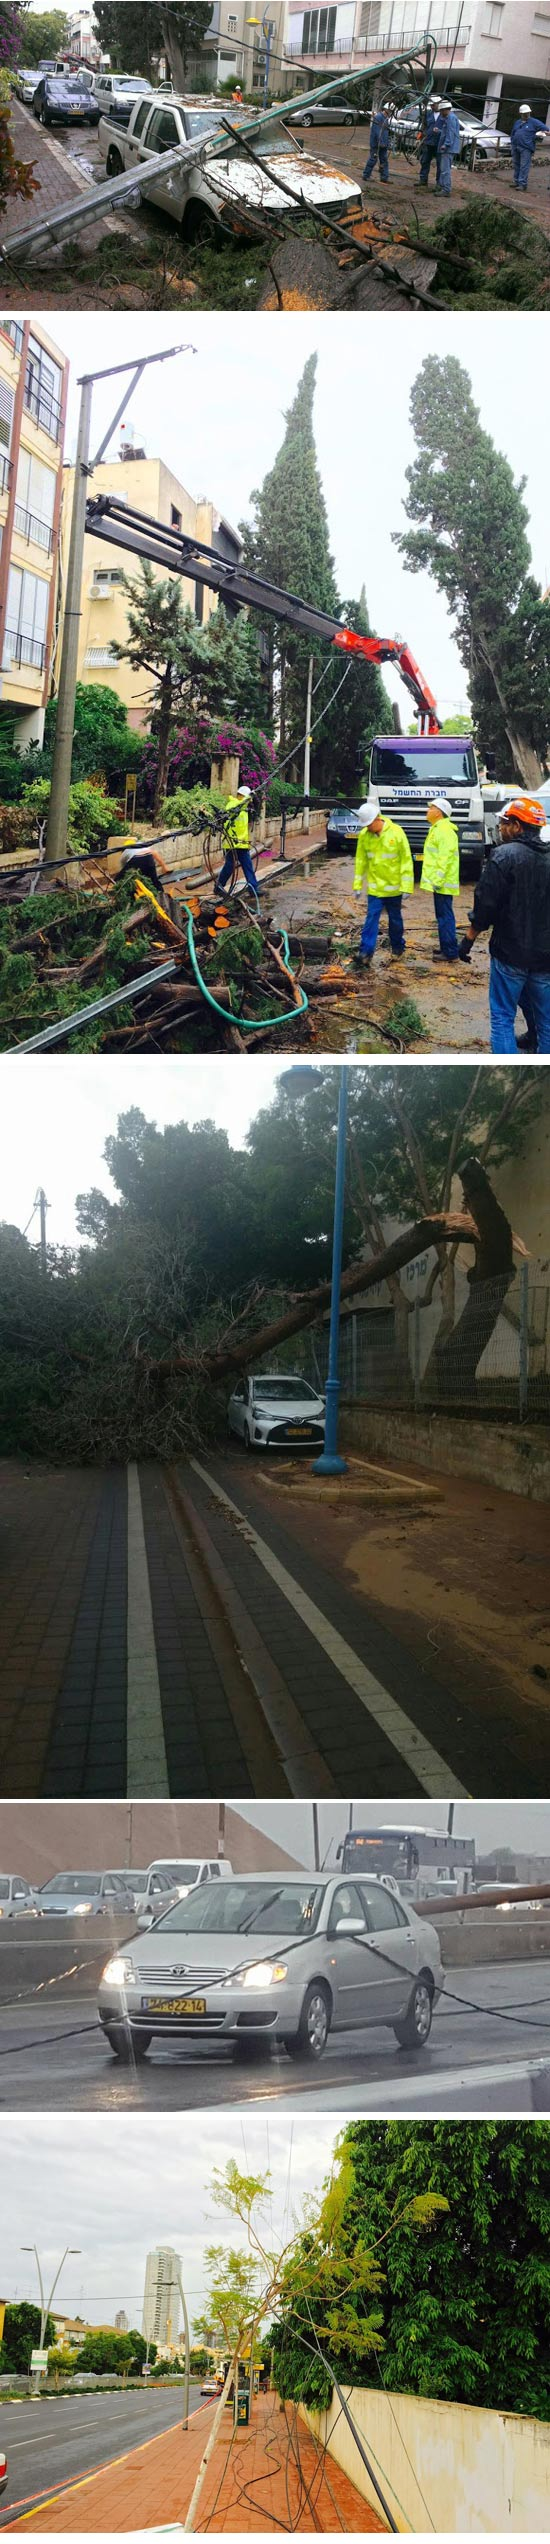 סערה / צילום: חברת חשמל